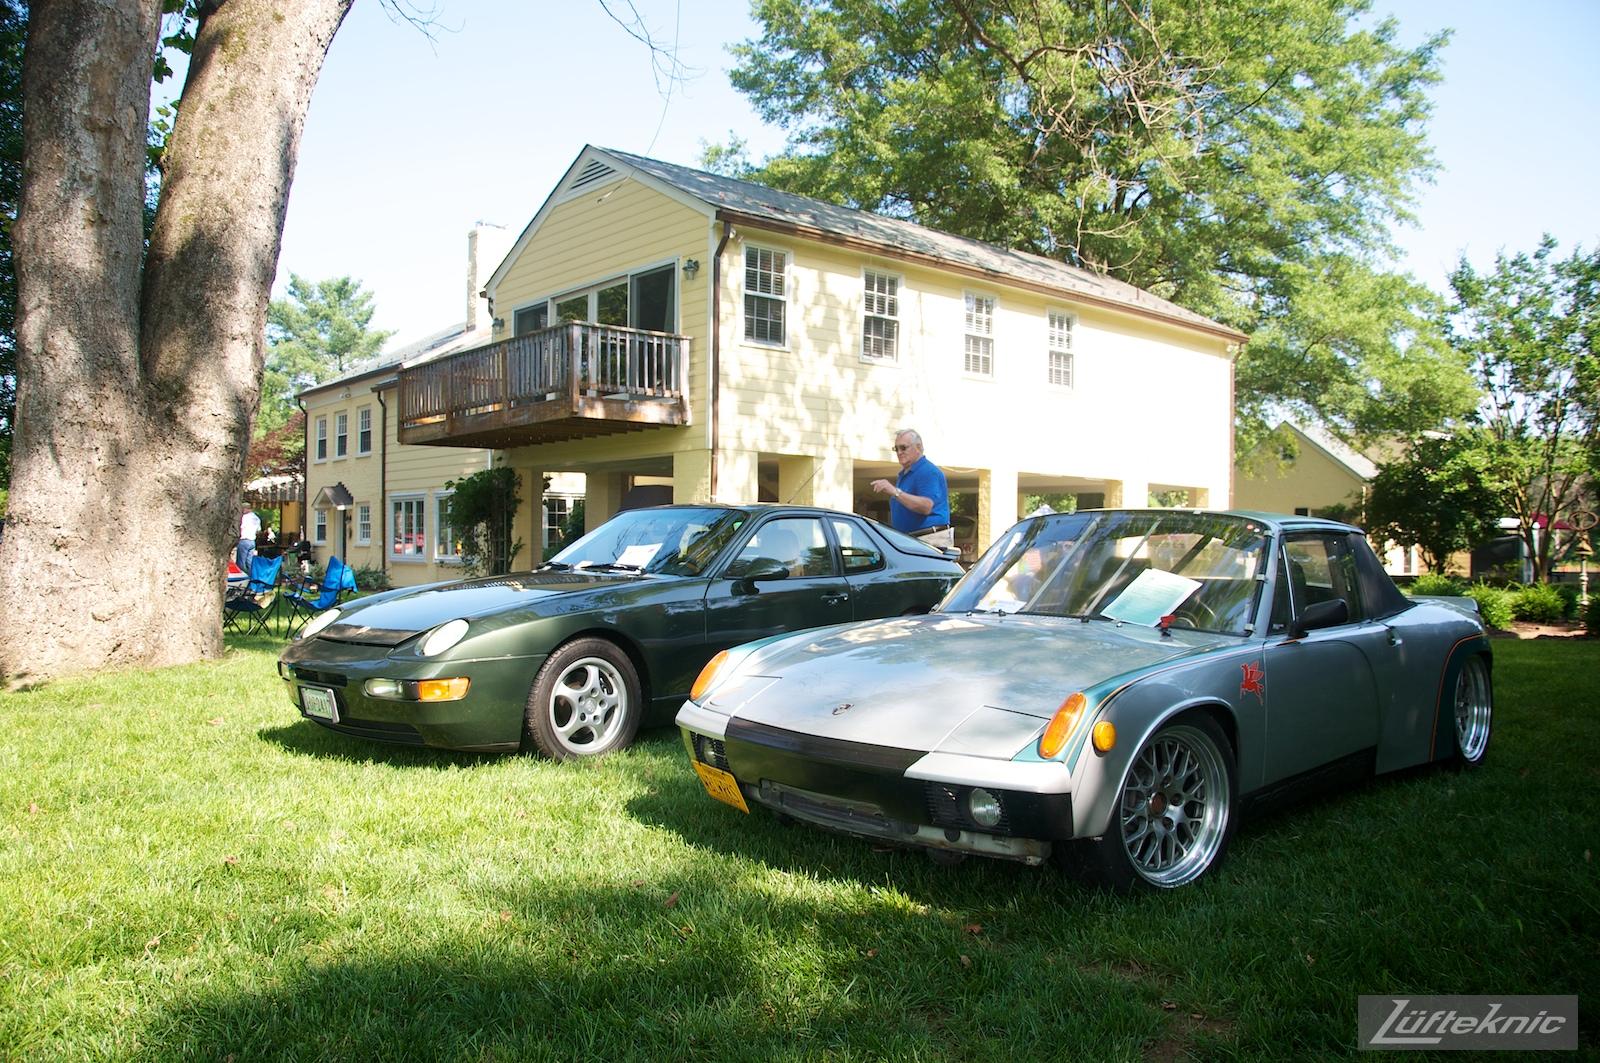 A 914 and 968 at the Richmond Porsche Meet.